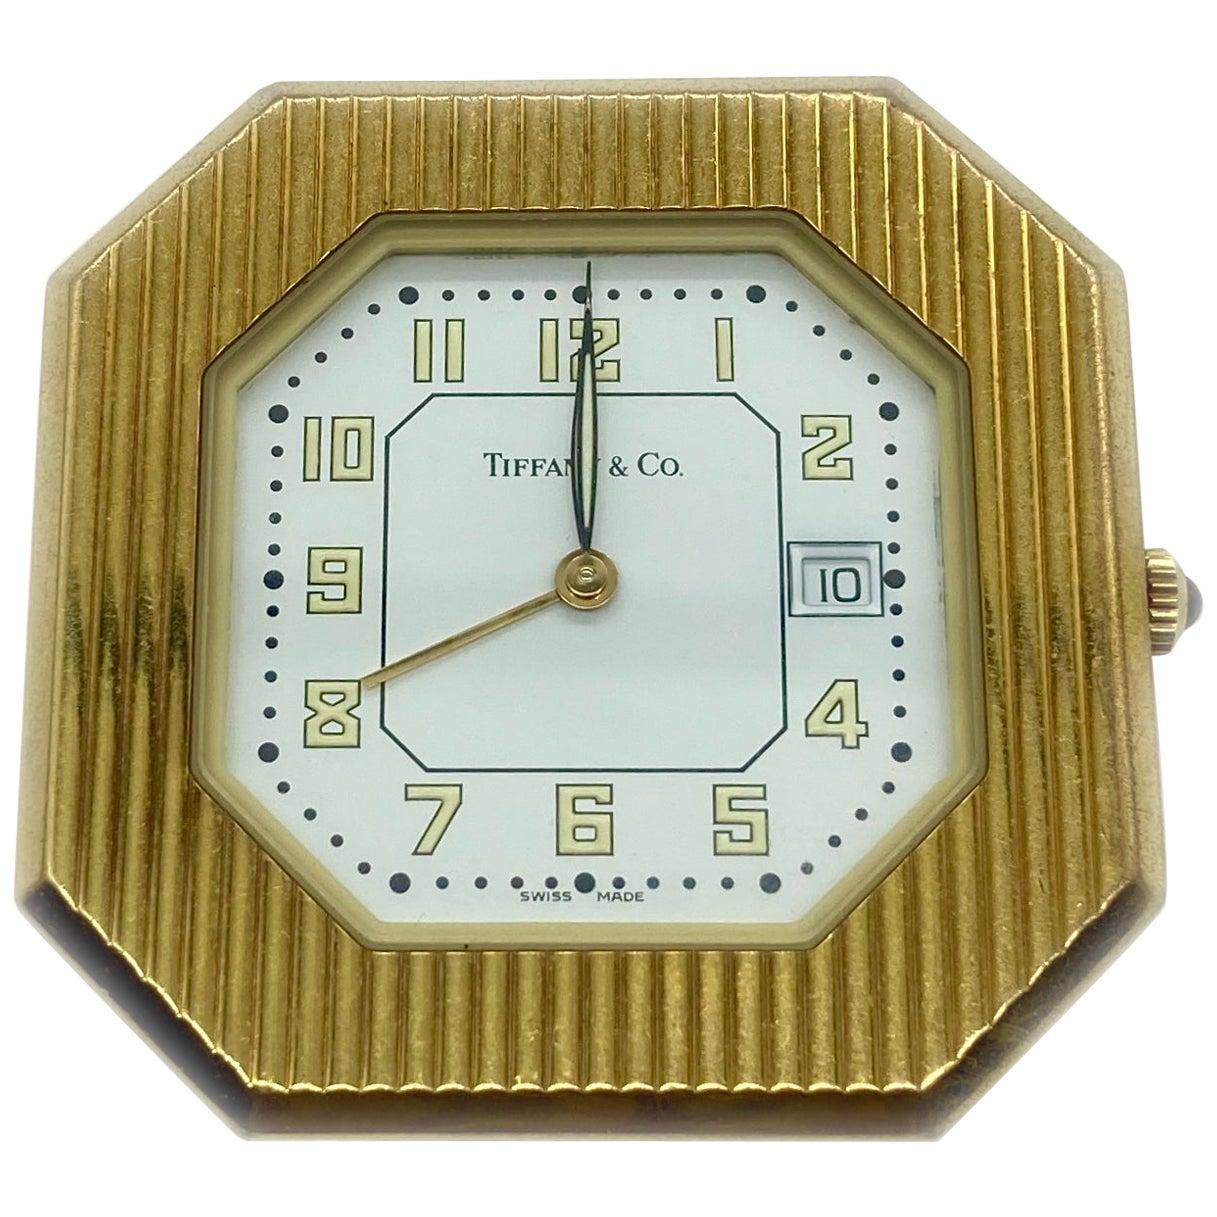 Tiffany & Co. Gold Travel Clock